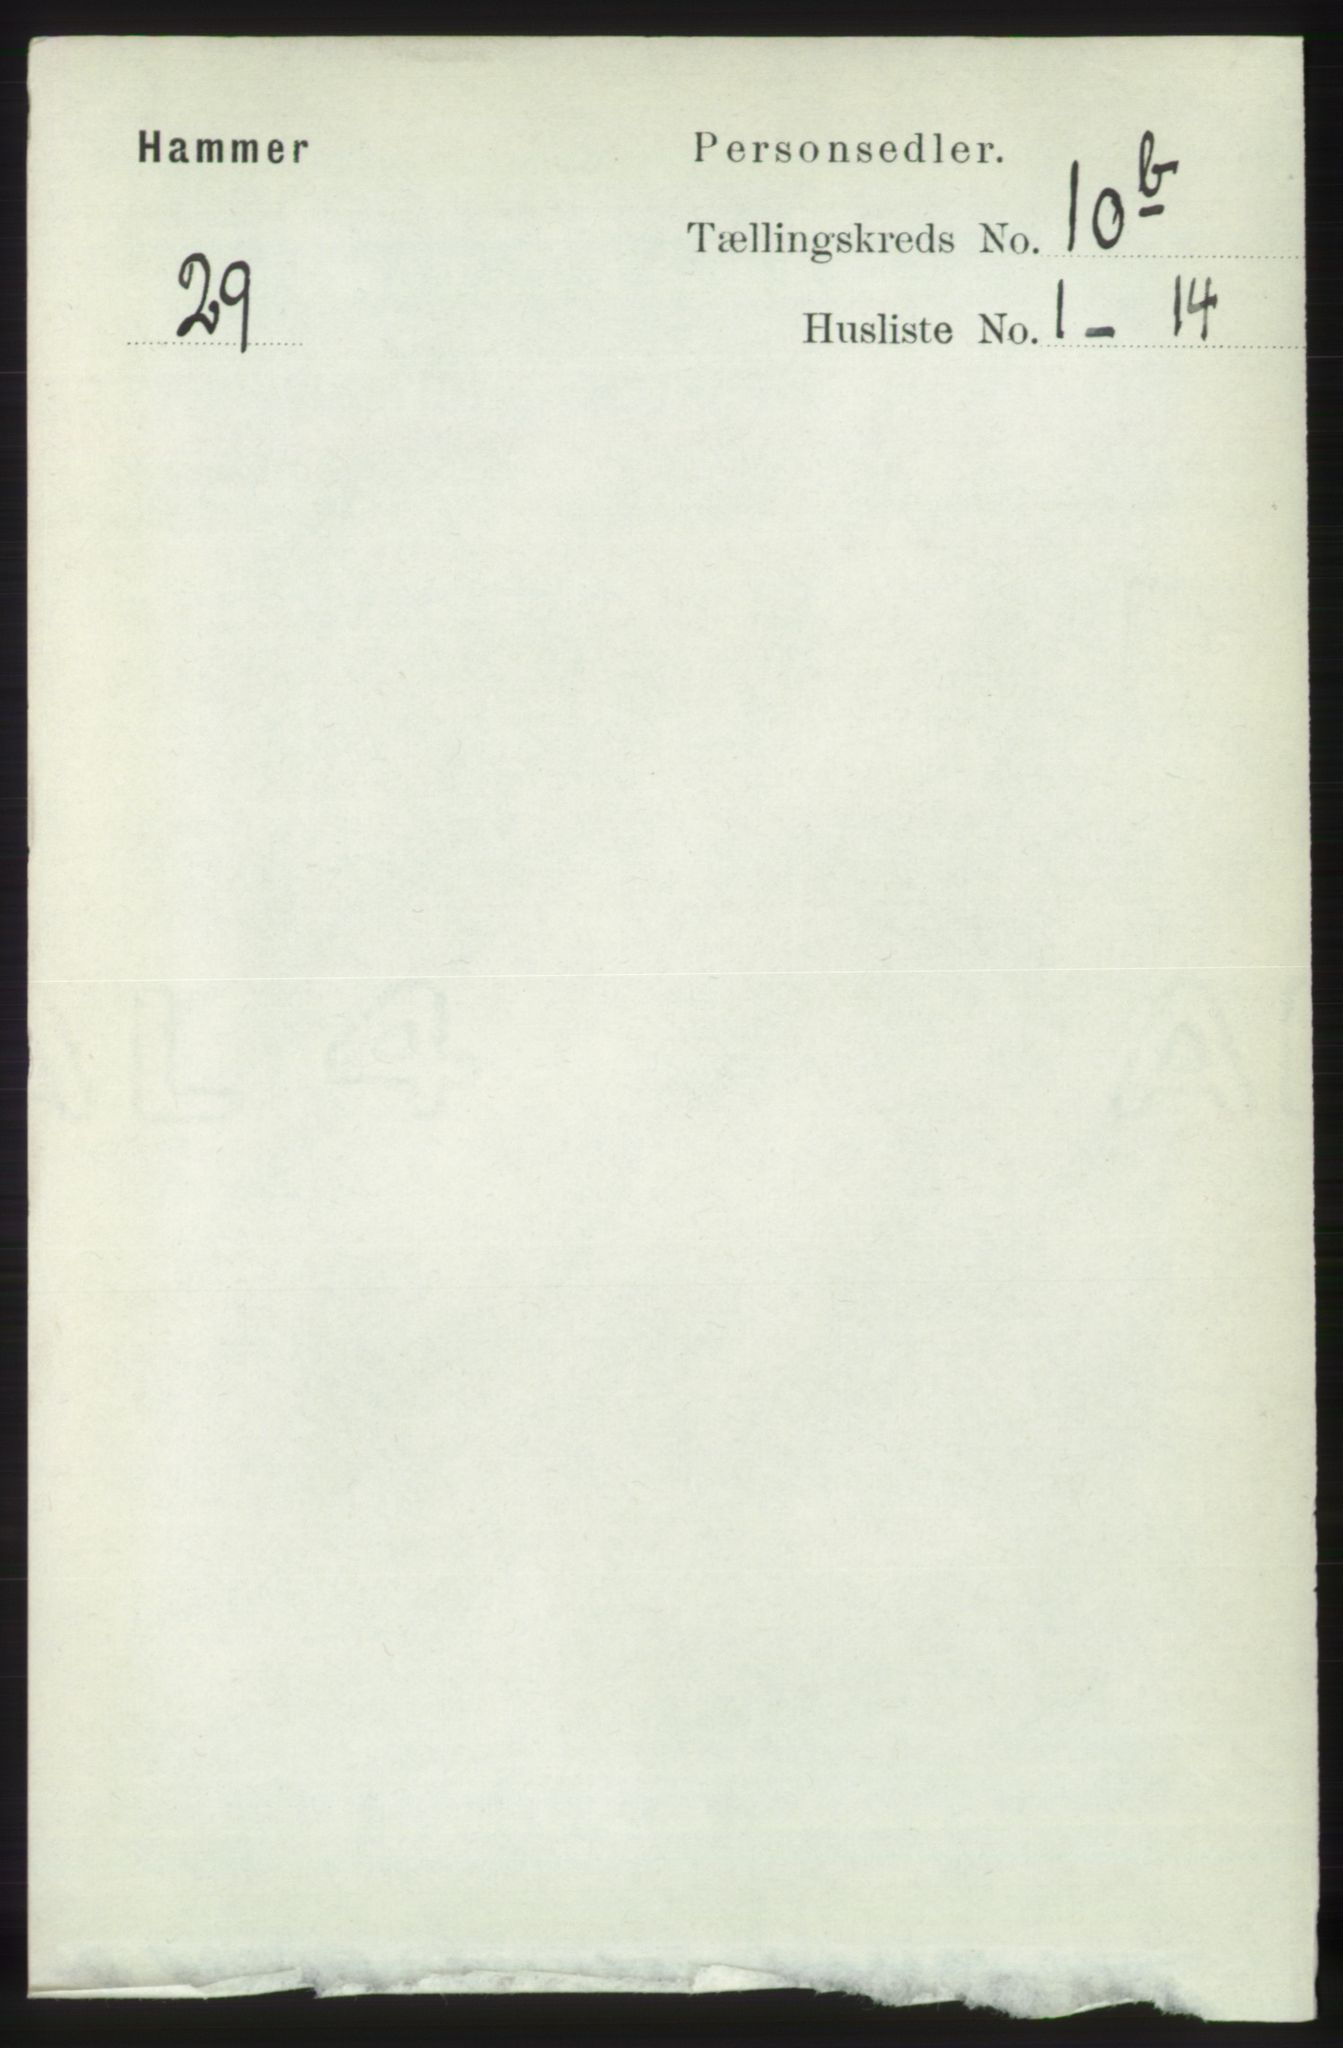 RA, Folketelling 1891 for 1254 Hamre herred, 1891, s. 3041